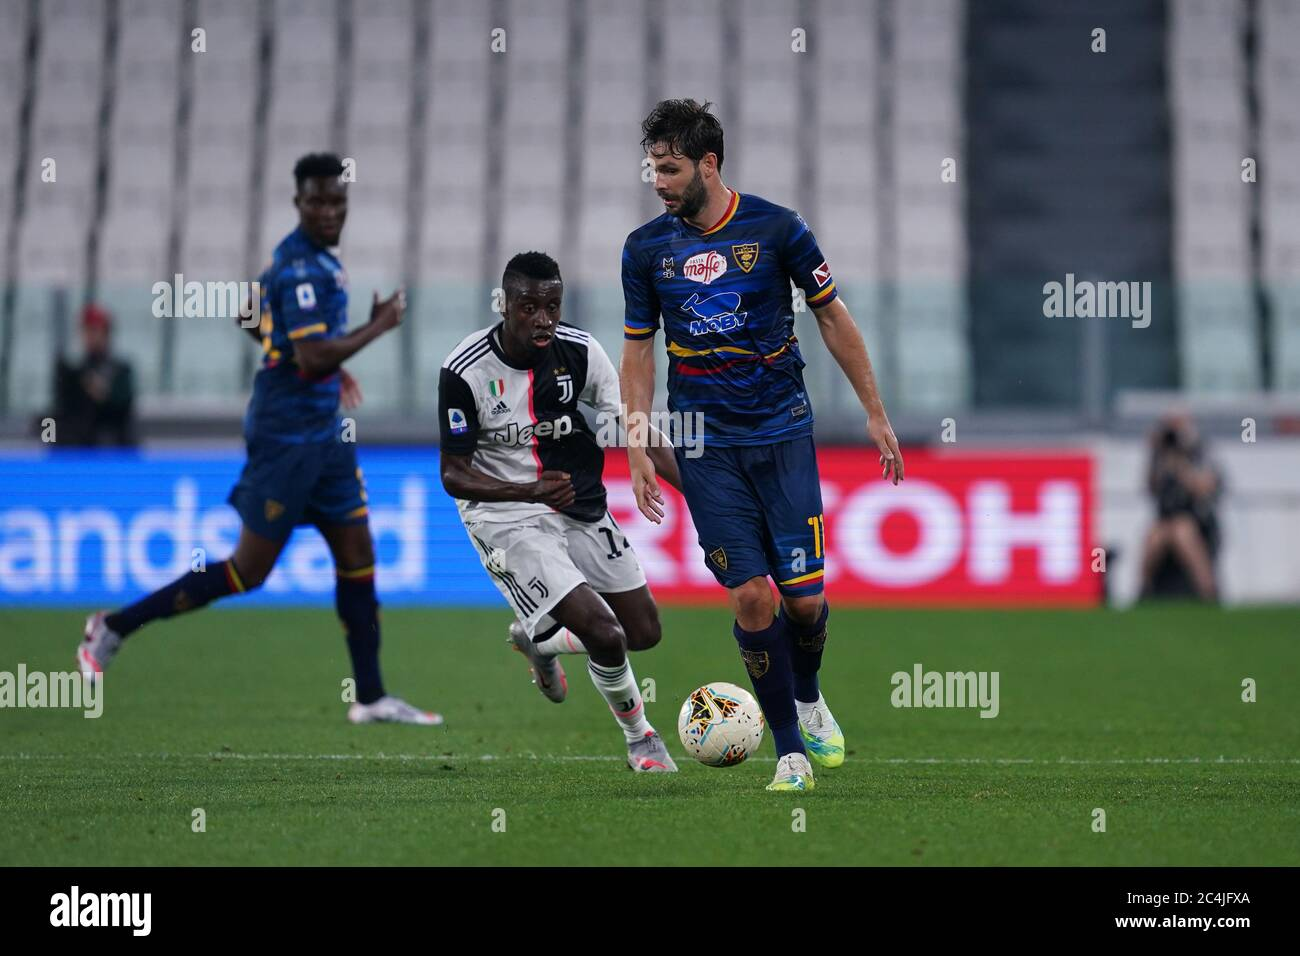 Torino Italy 26th June 2020 Italian Serie A Juventus Fc Vs Us Lecce Jevhen Sachov Of Us Lecce Stock Photo Alamy